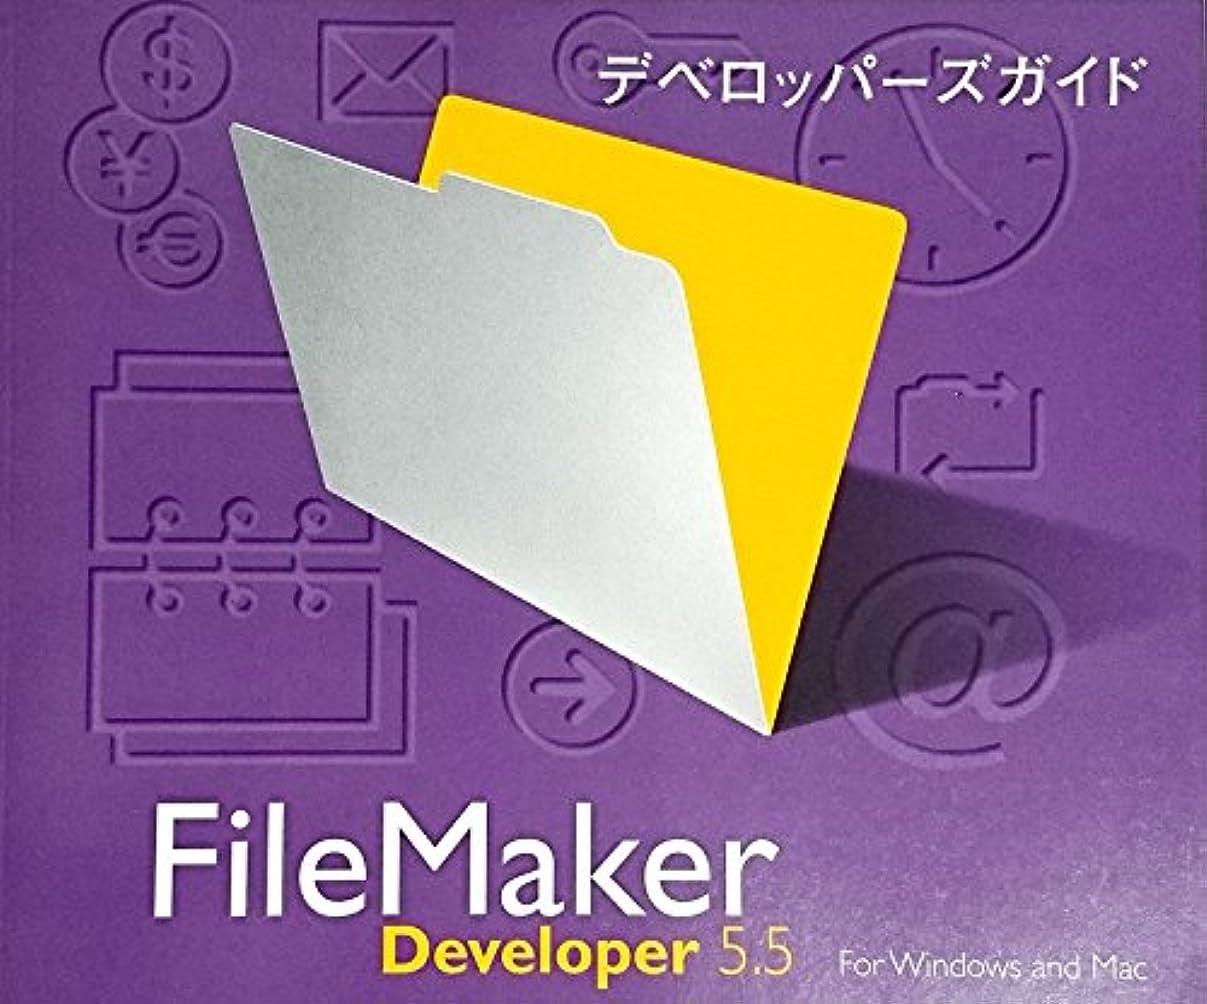 役職マニフェストハブブFileMaker Developer 5.5 日本語版 アップグレード版 For Windows